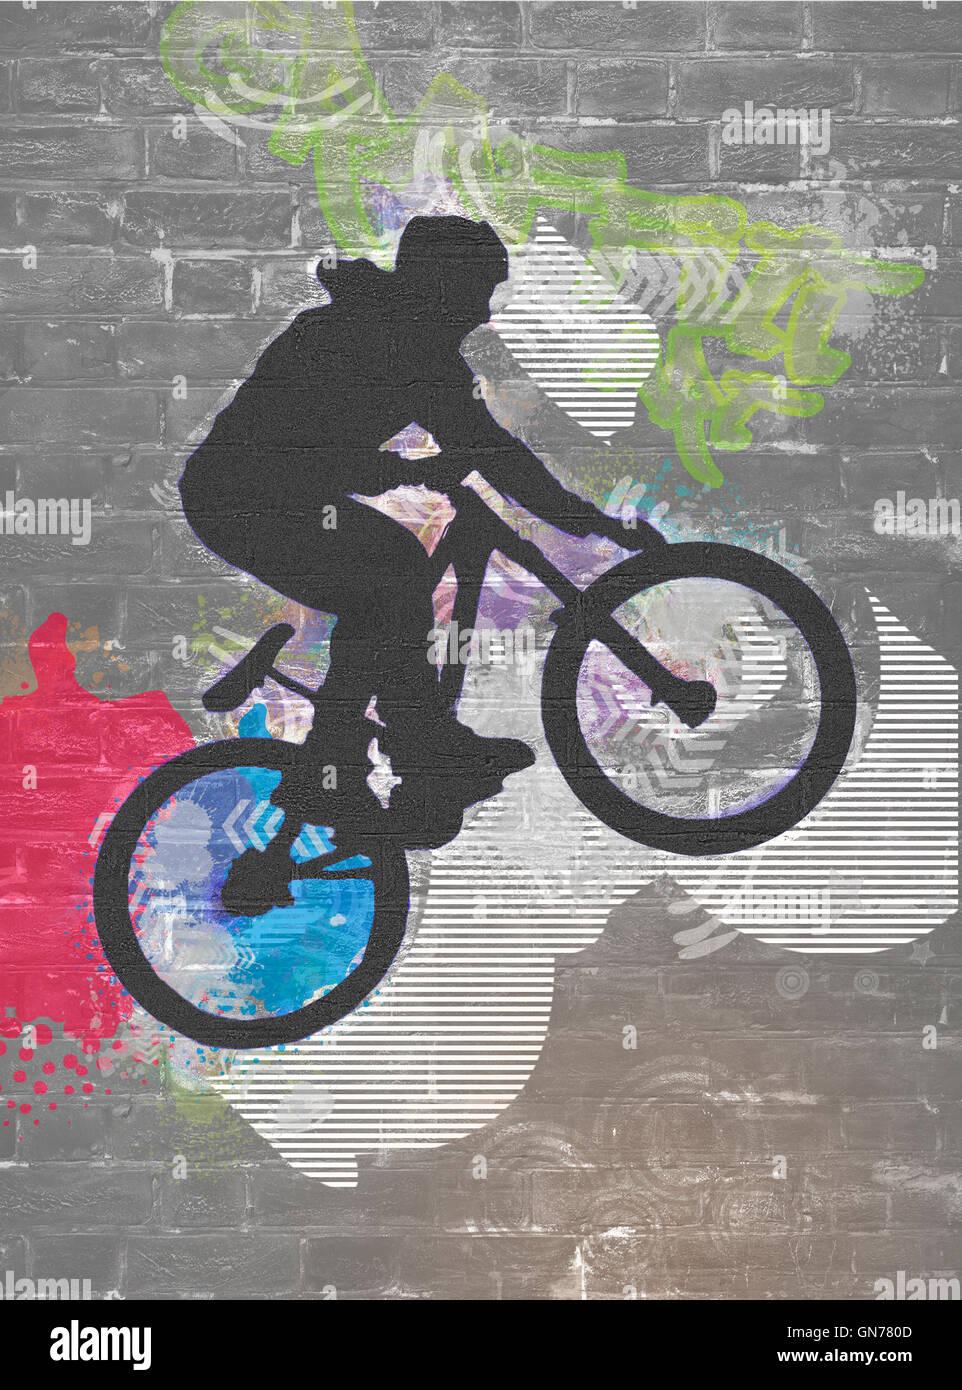 wall graffiti image of a bicycle stunt Stock Photo